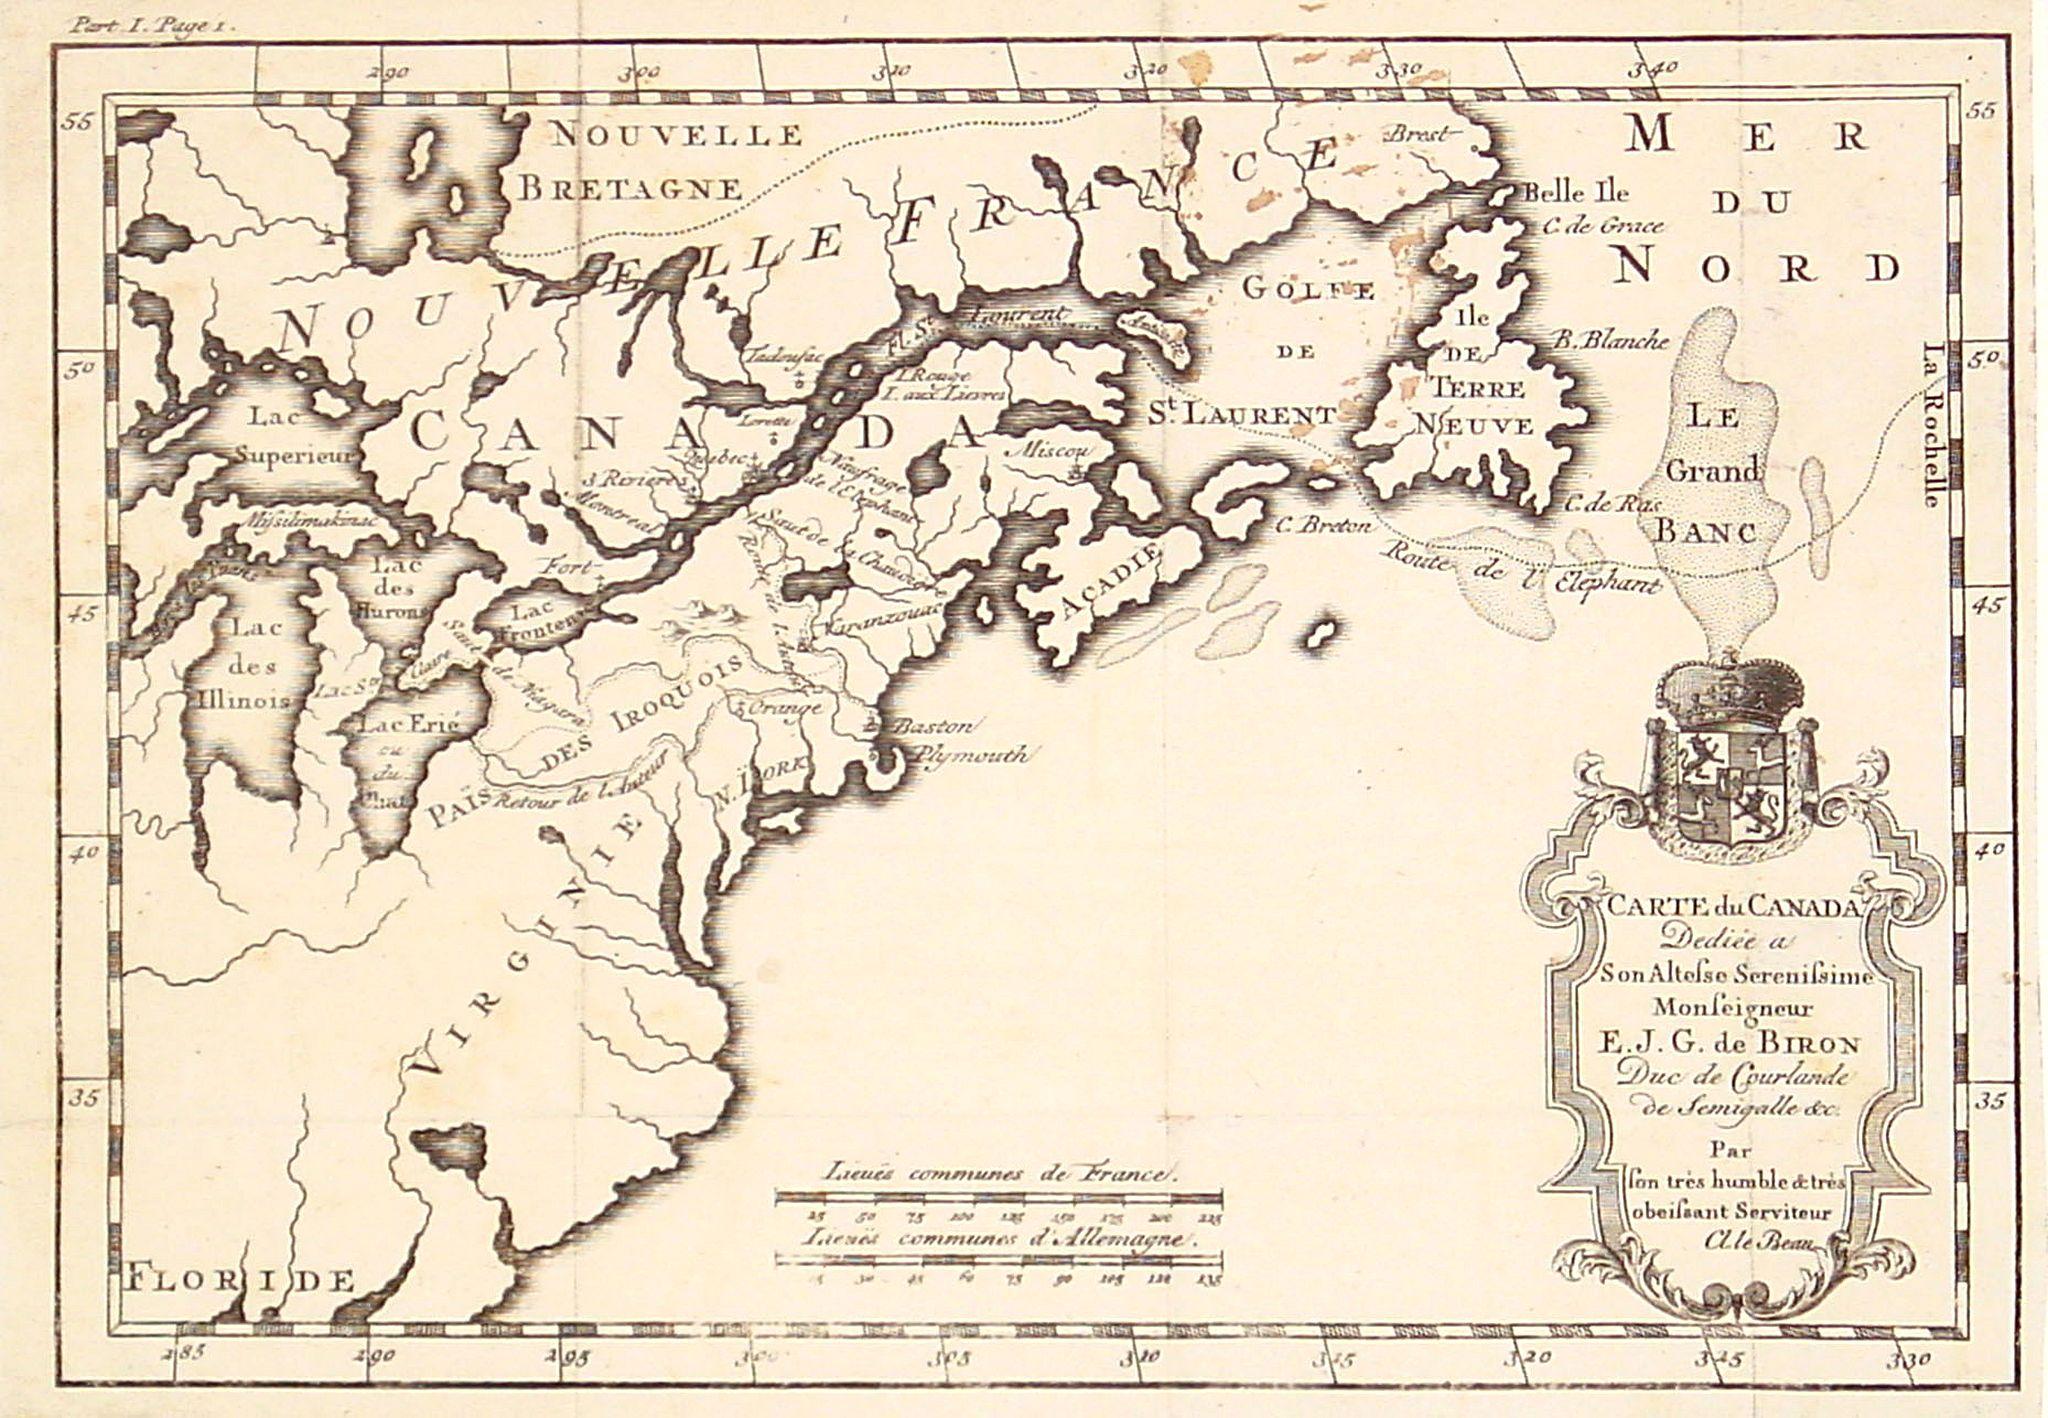 LE BEAU, C. -  Carte du Canada Dediée a Son Altesse. . .